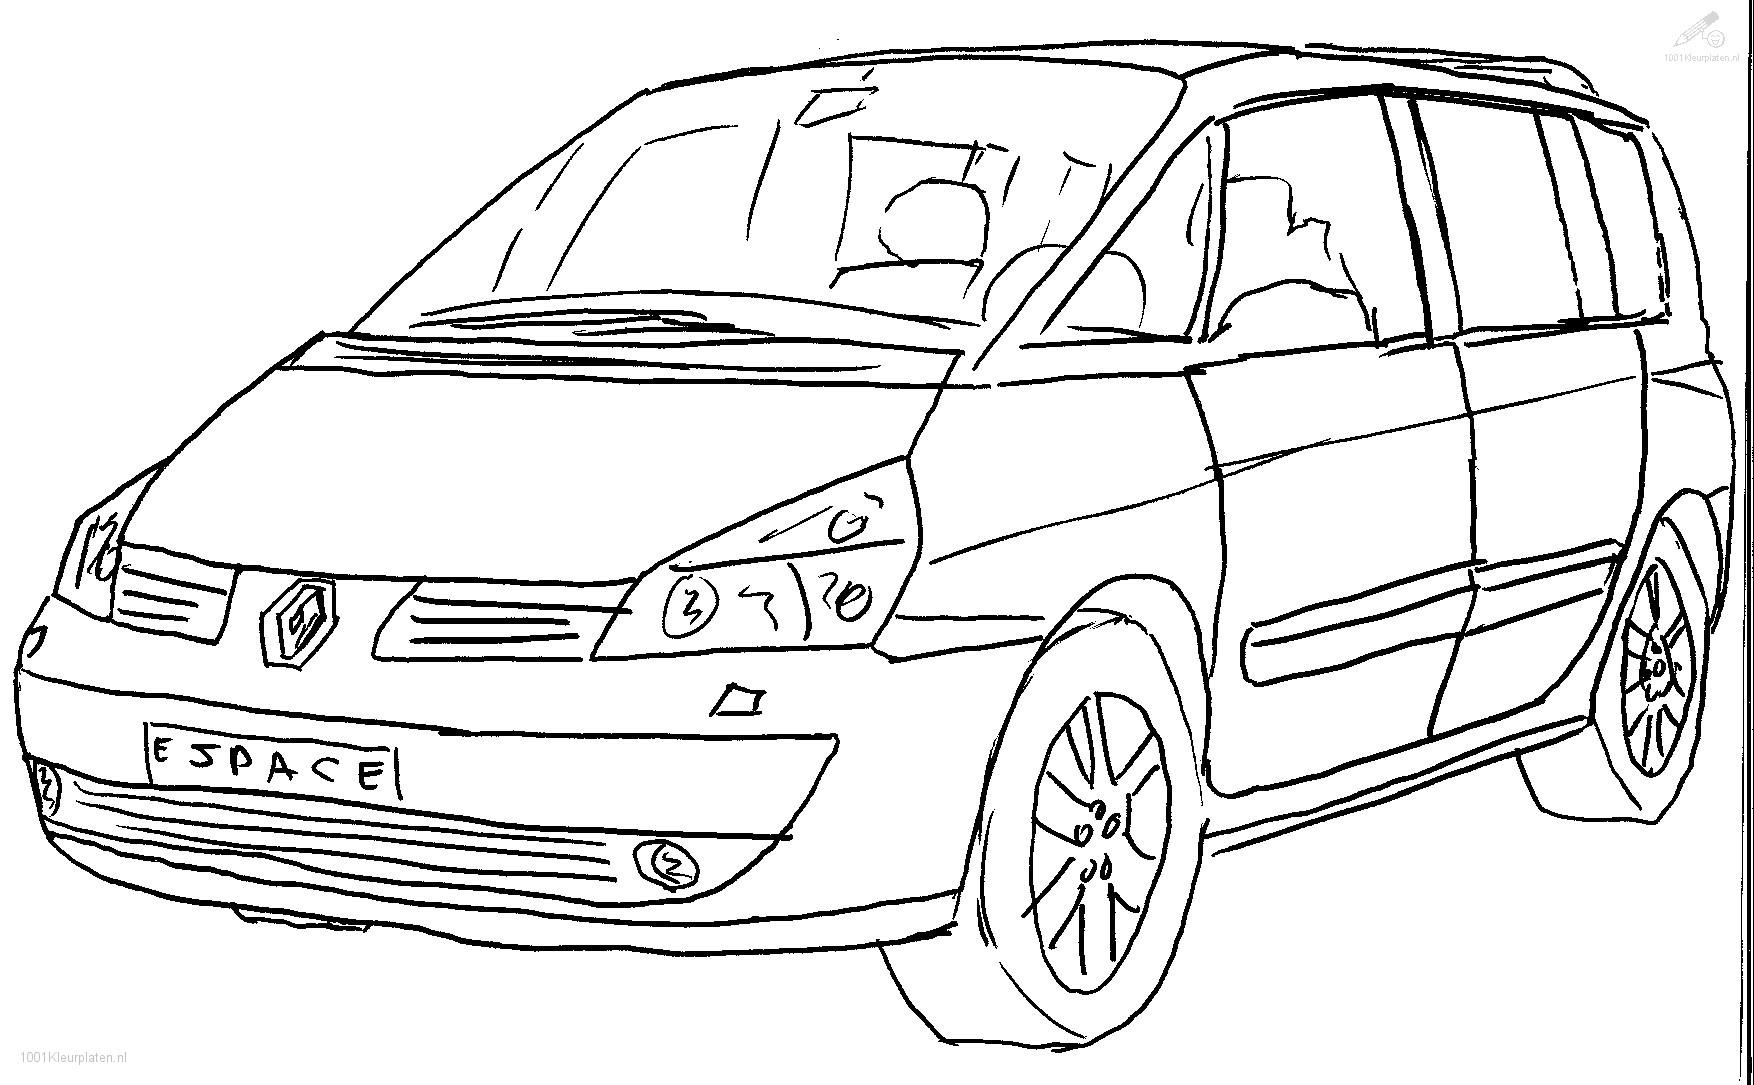 1001 Kleurplaten Voertuigen Gtgt Auto Kleurplaat Renault